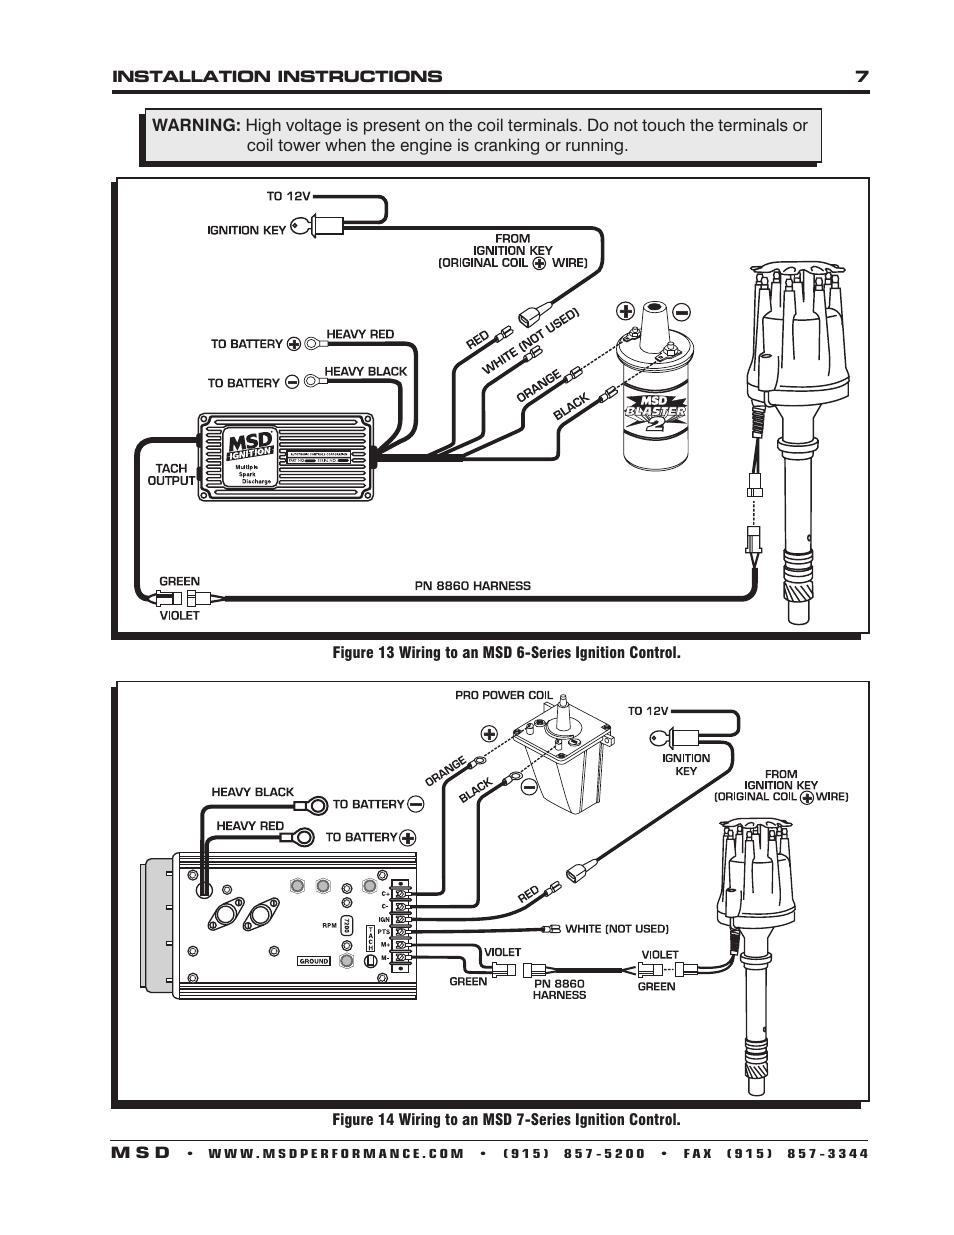 medium resolution of msd 85551 wiring diagram wiring diagram name msd pro billet distributor wiring diagram msd 85551 wiring